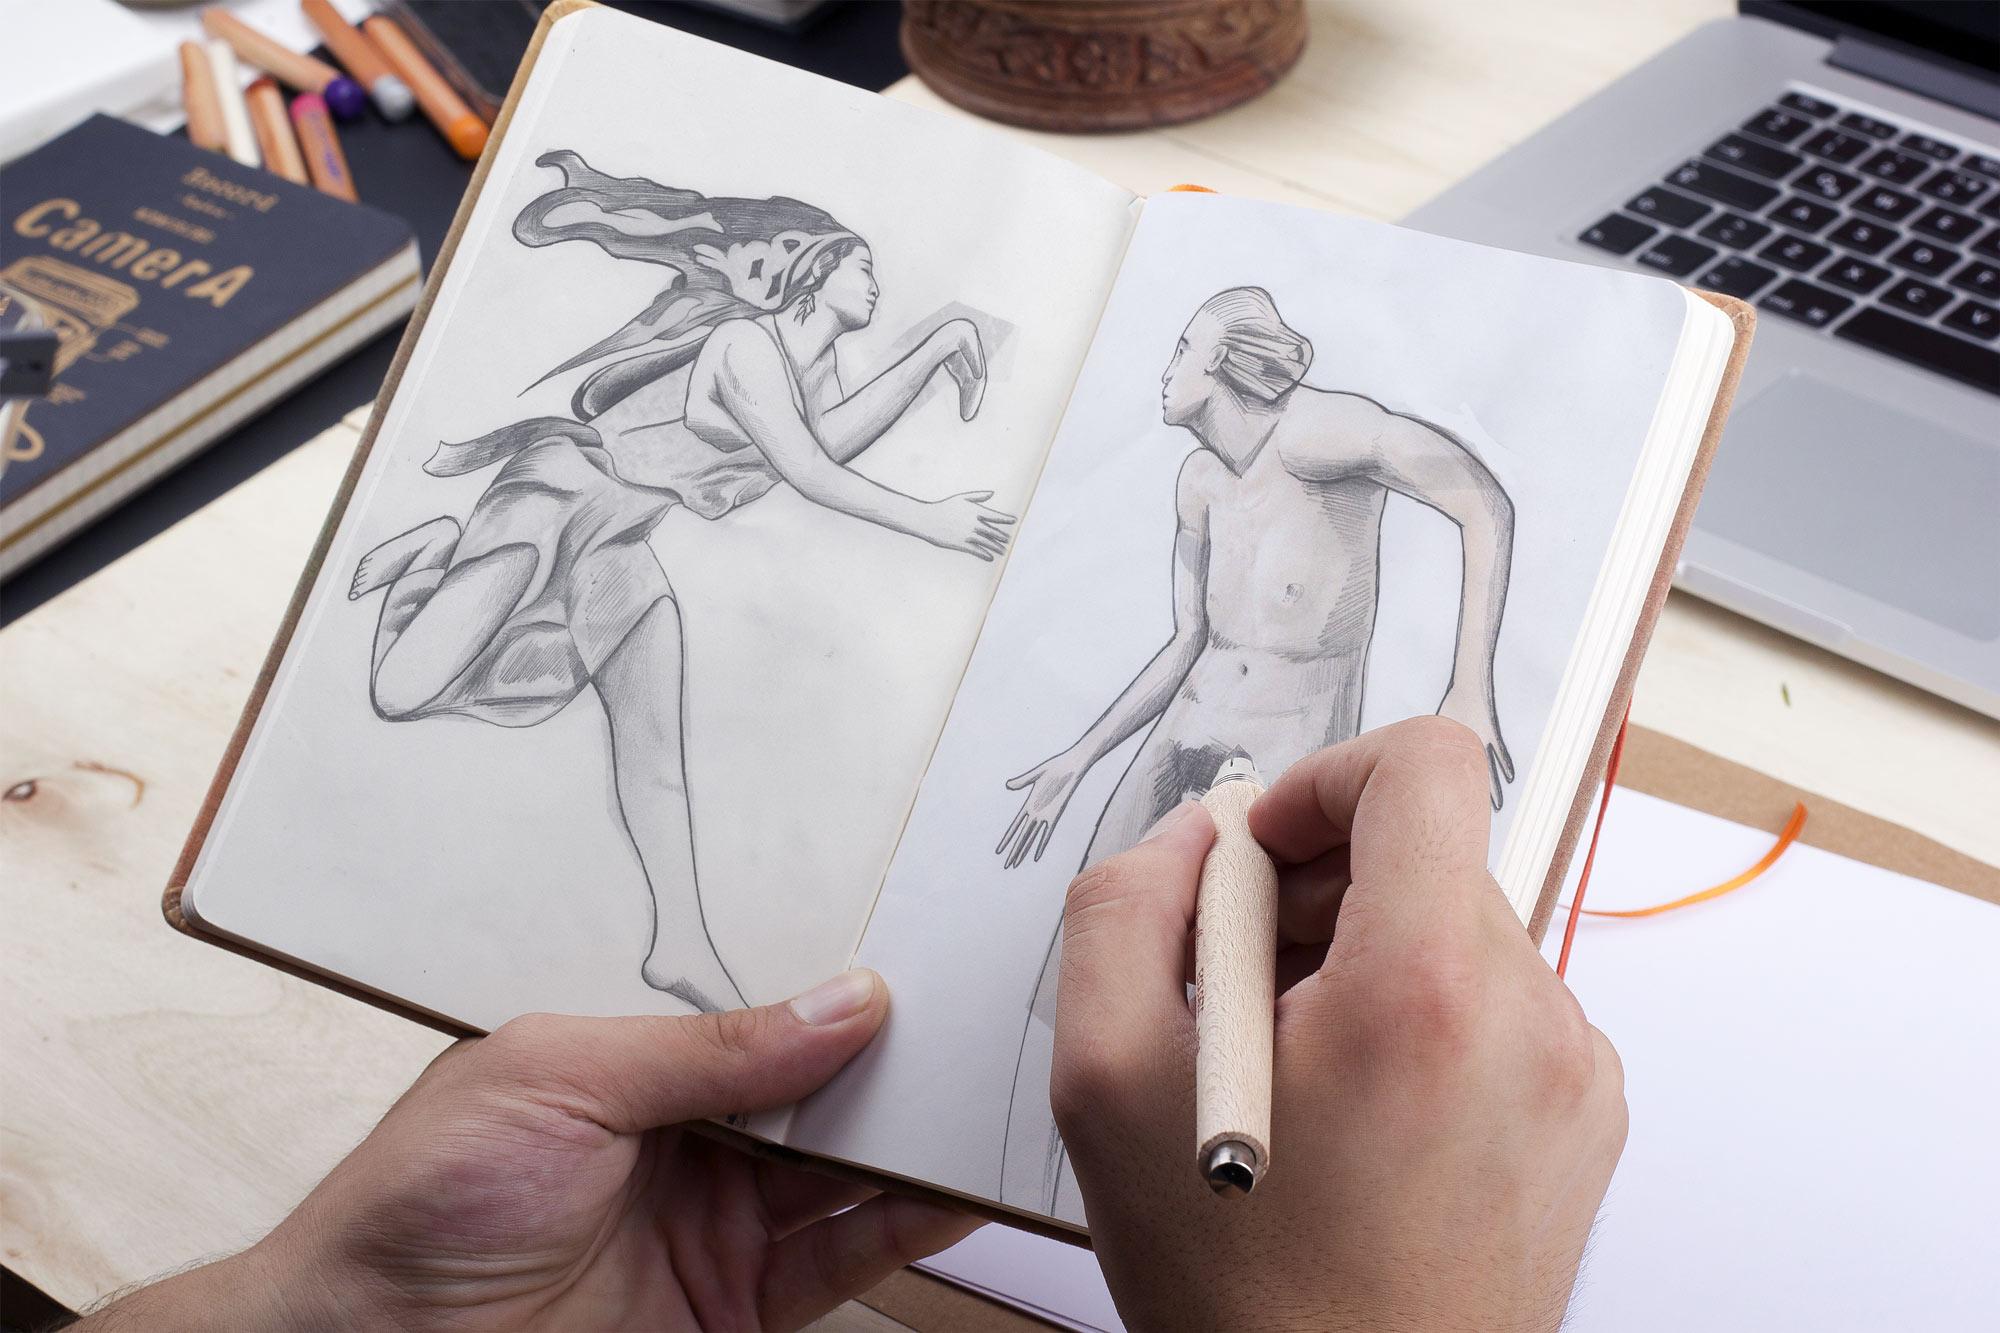 dessins_croquis_illustrateur_nantes_la_roche_sur_yon_france